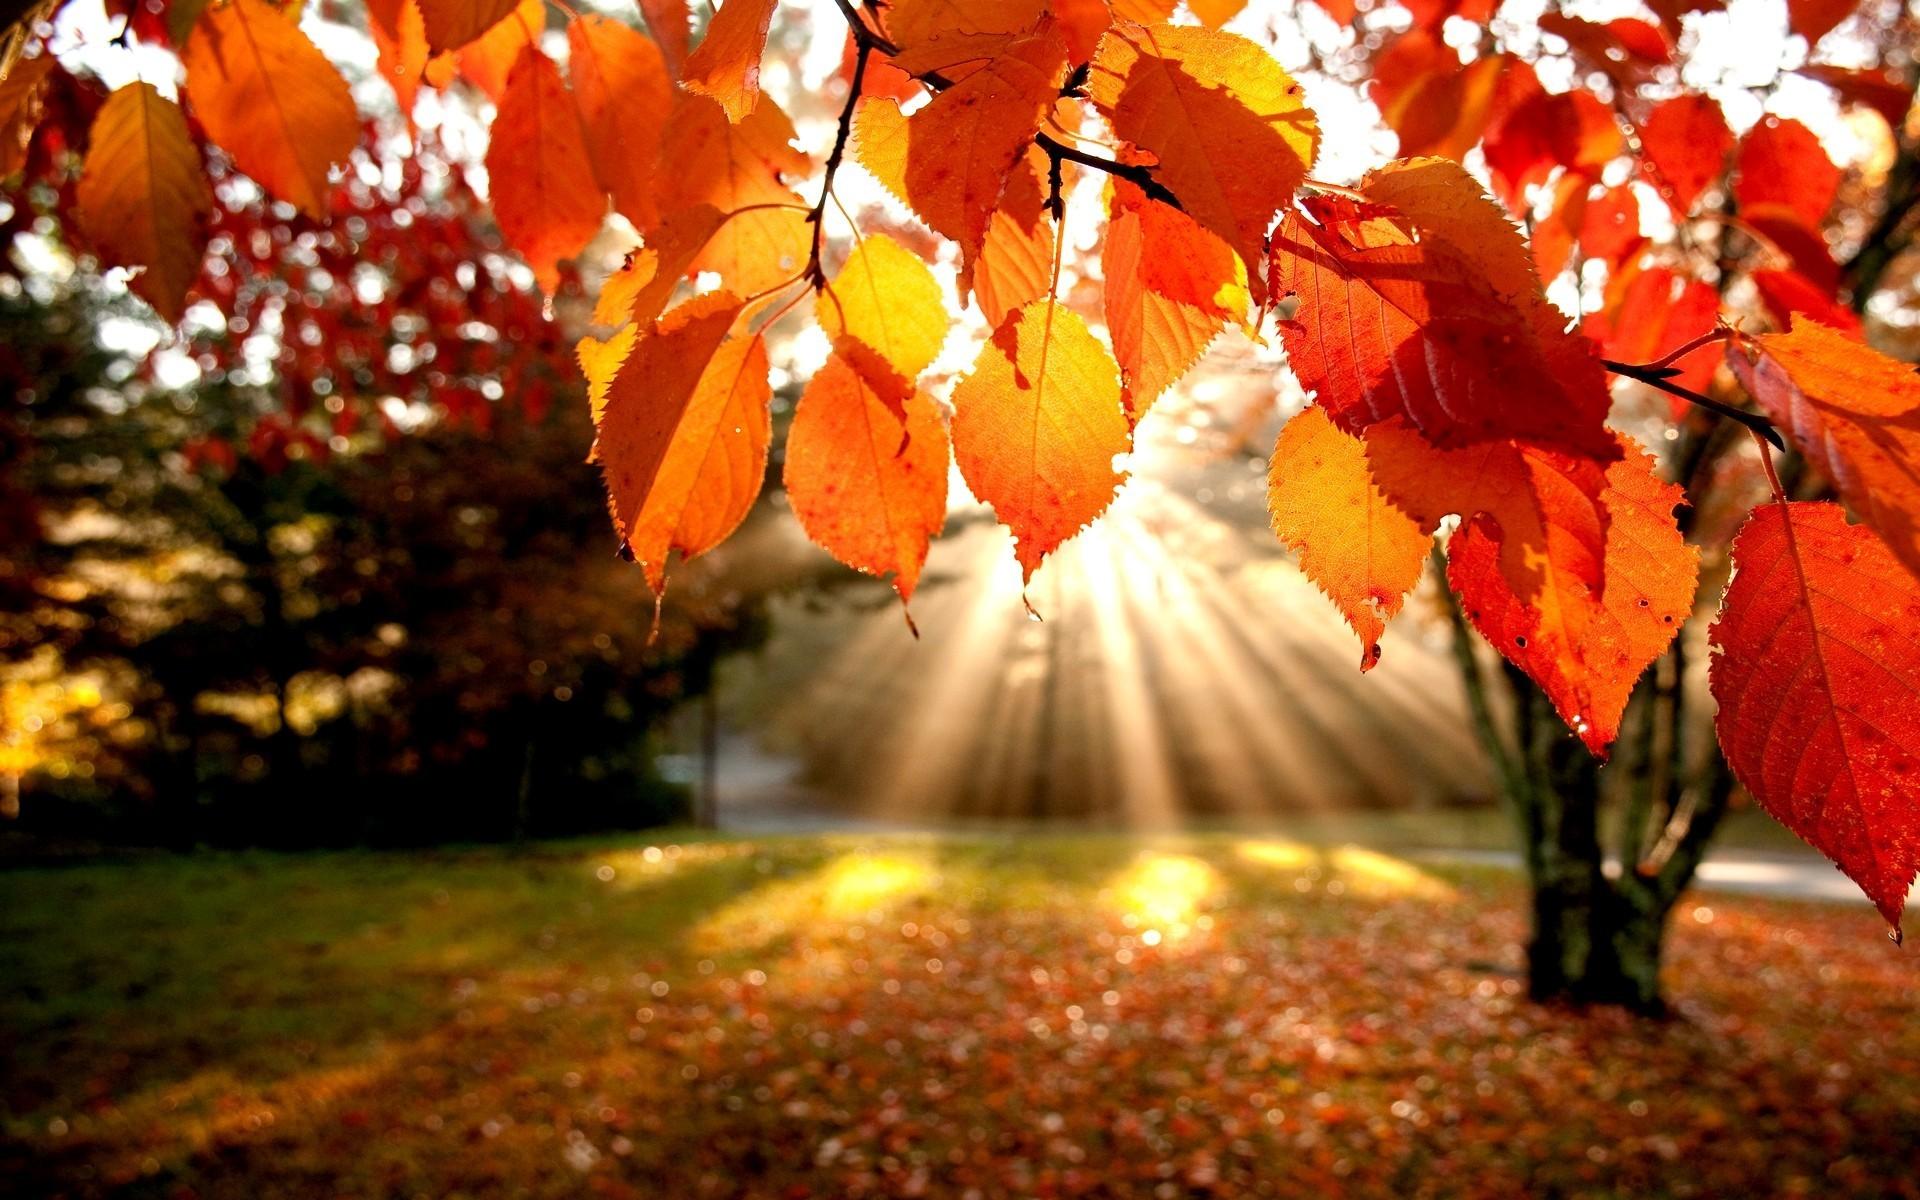 xcitefun falling leaves image